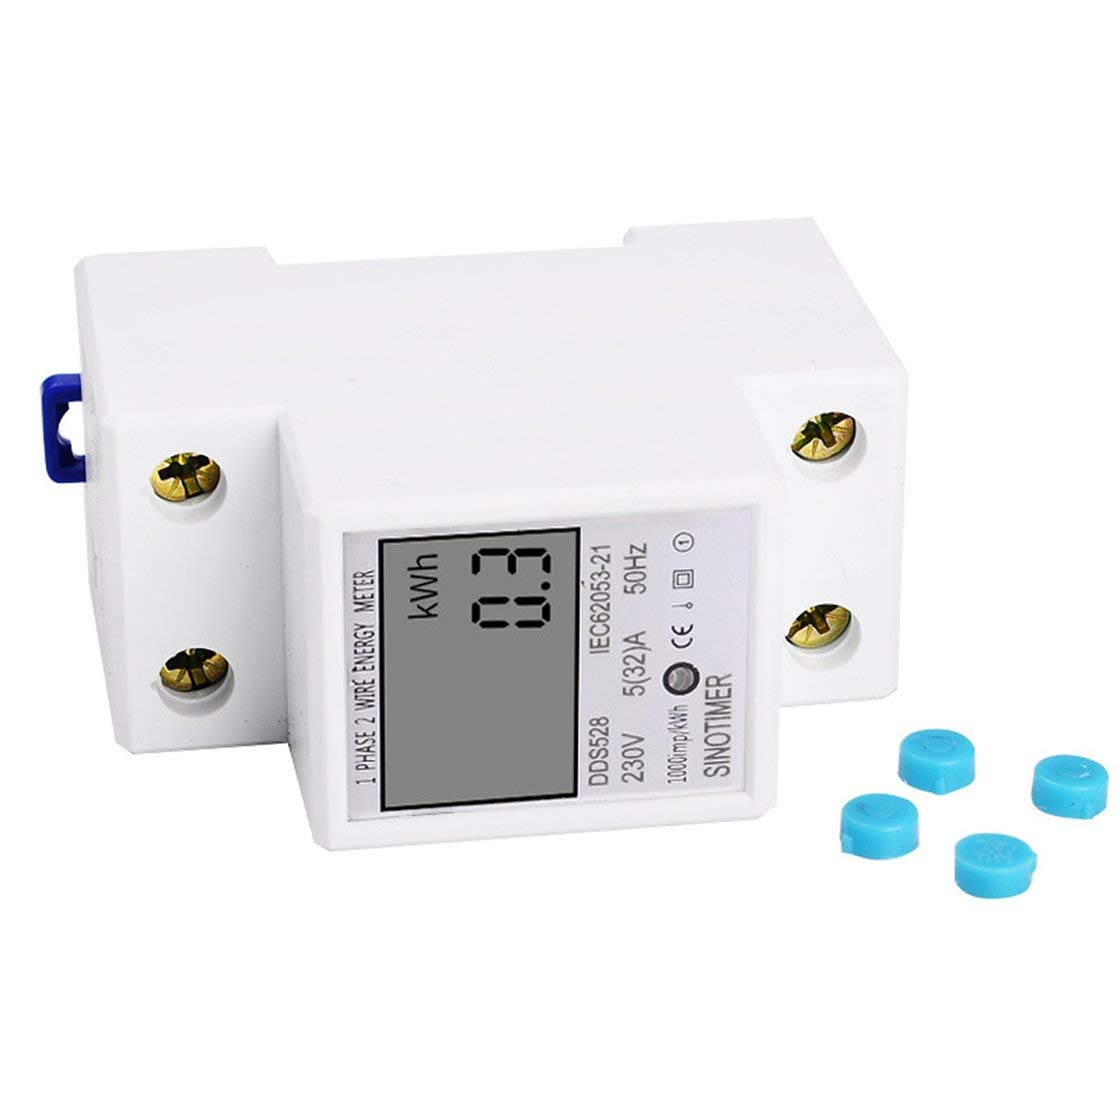 SINOTIMER Consommation Energie Watt Amp Volt Mètre Analyseur KWh AC 230V Moniteur d'utilisation de l'électricité numérique Wattmètre Gwendoll